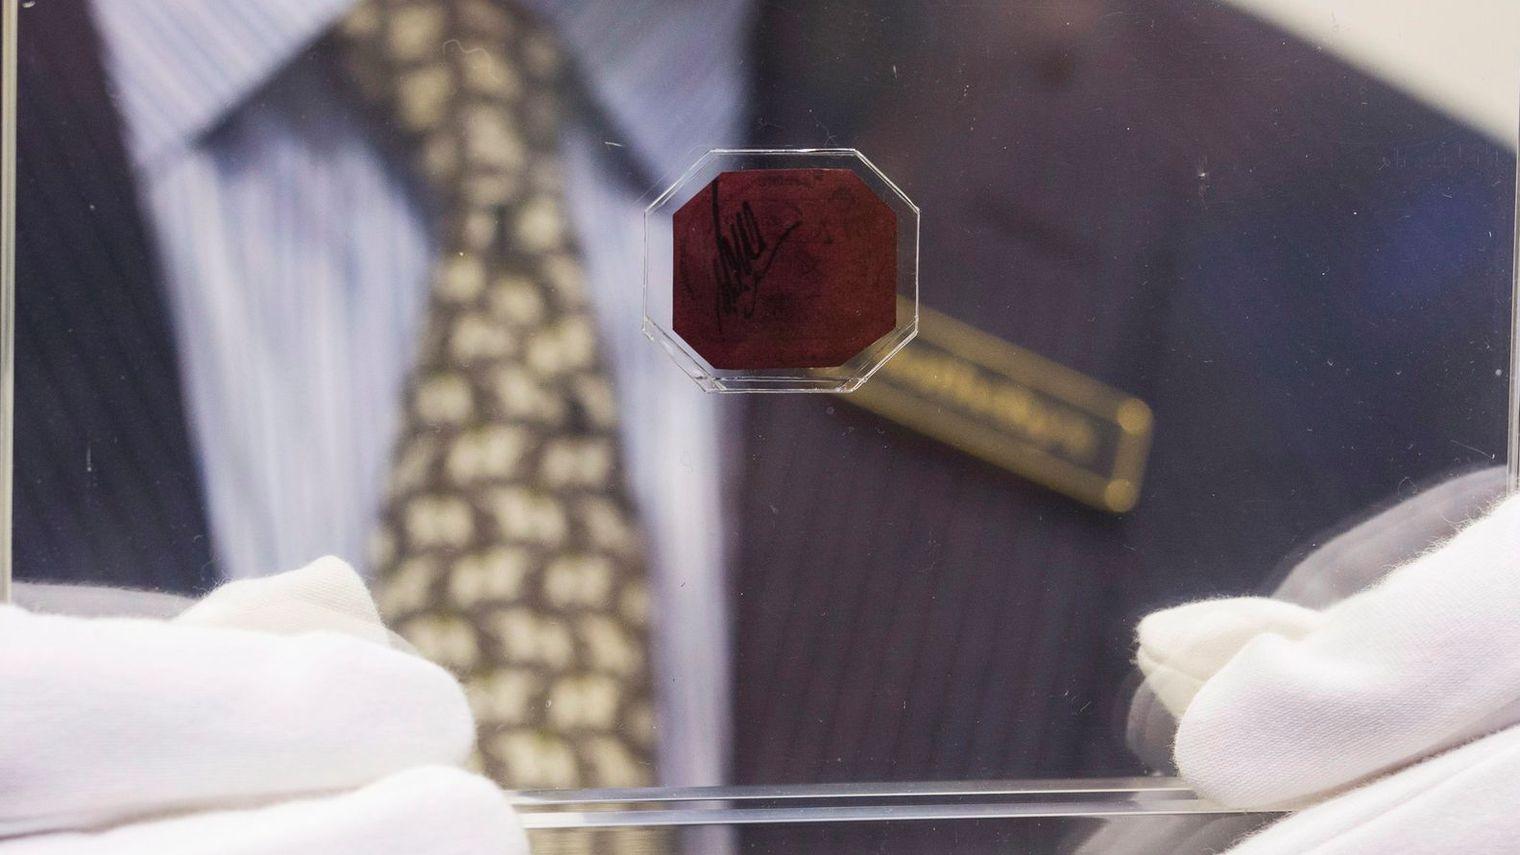 Imprimé en 1856, ce minuscule octogone d'environ 2 centimètres de côté est le timbre le plus cher de l'histoire de la philatélie Image: REUTERS/Tyrone Siu